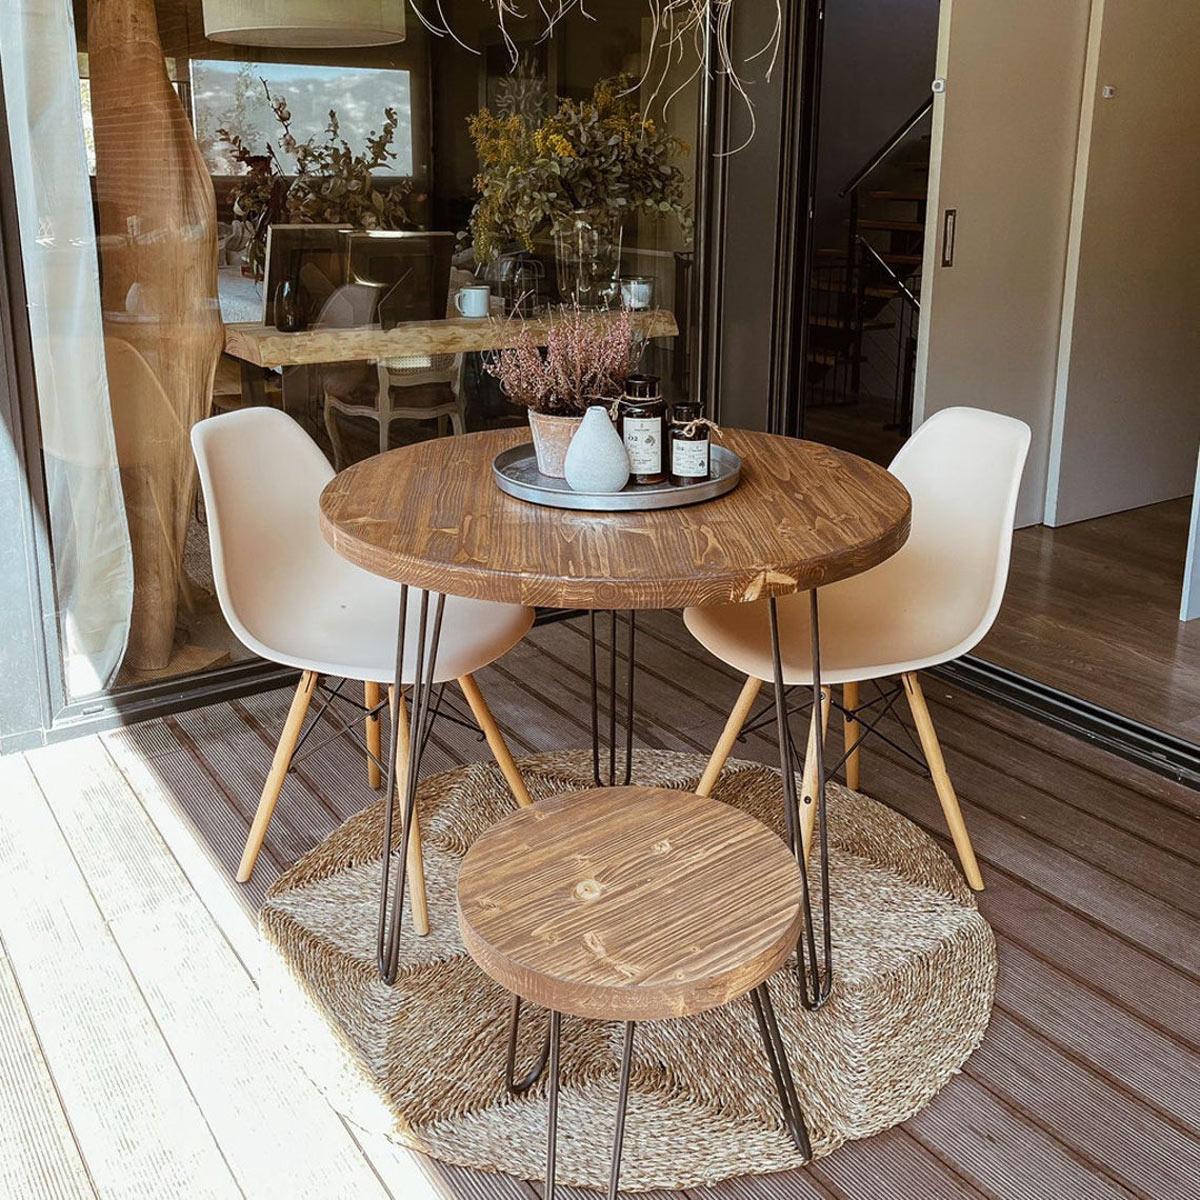 tavolini da giardino in legno tondo